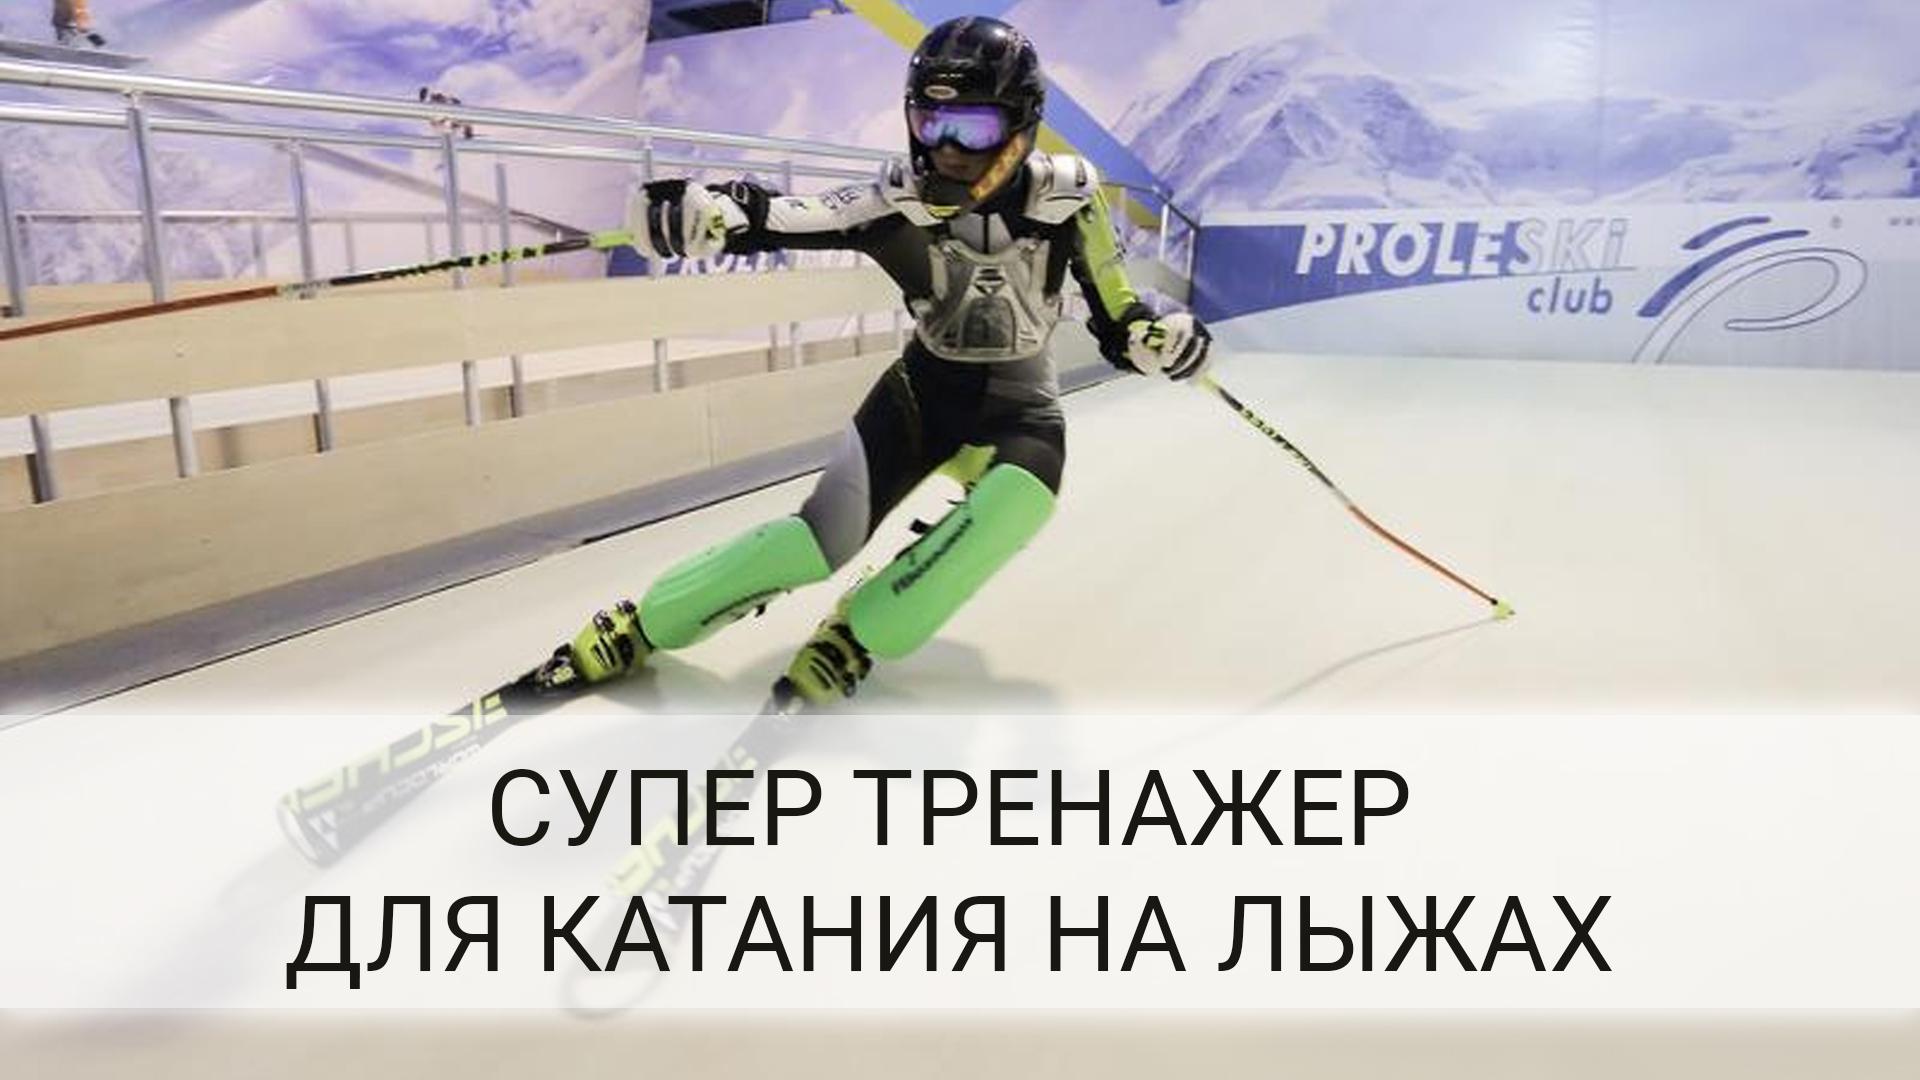 Катание на горных лыжах - бесконечный склон